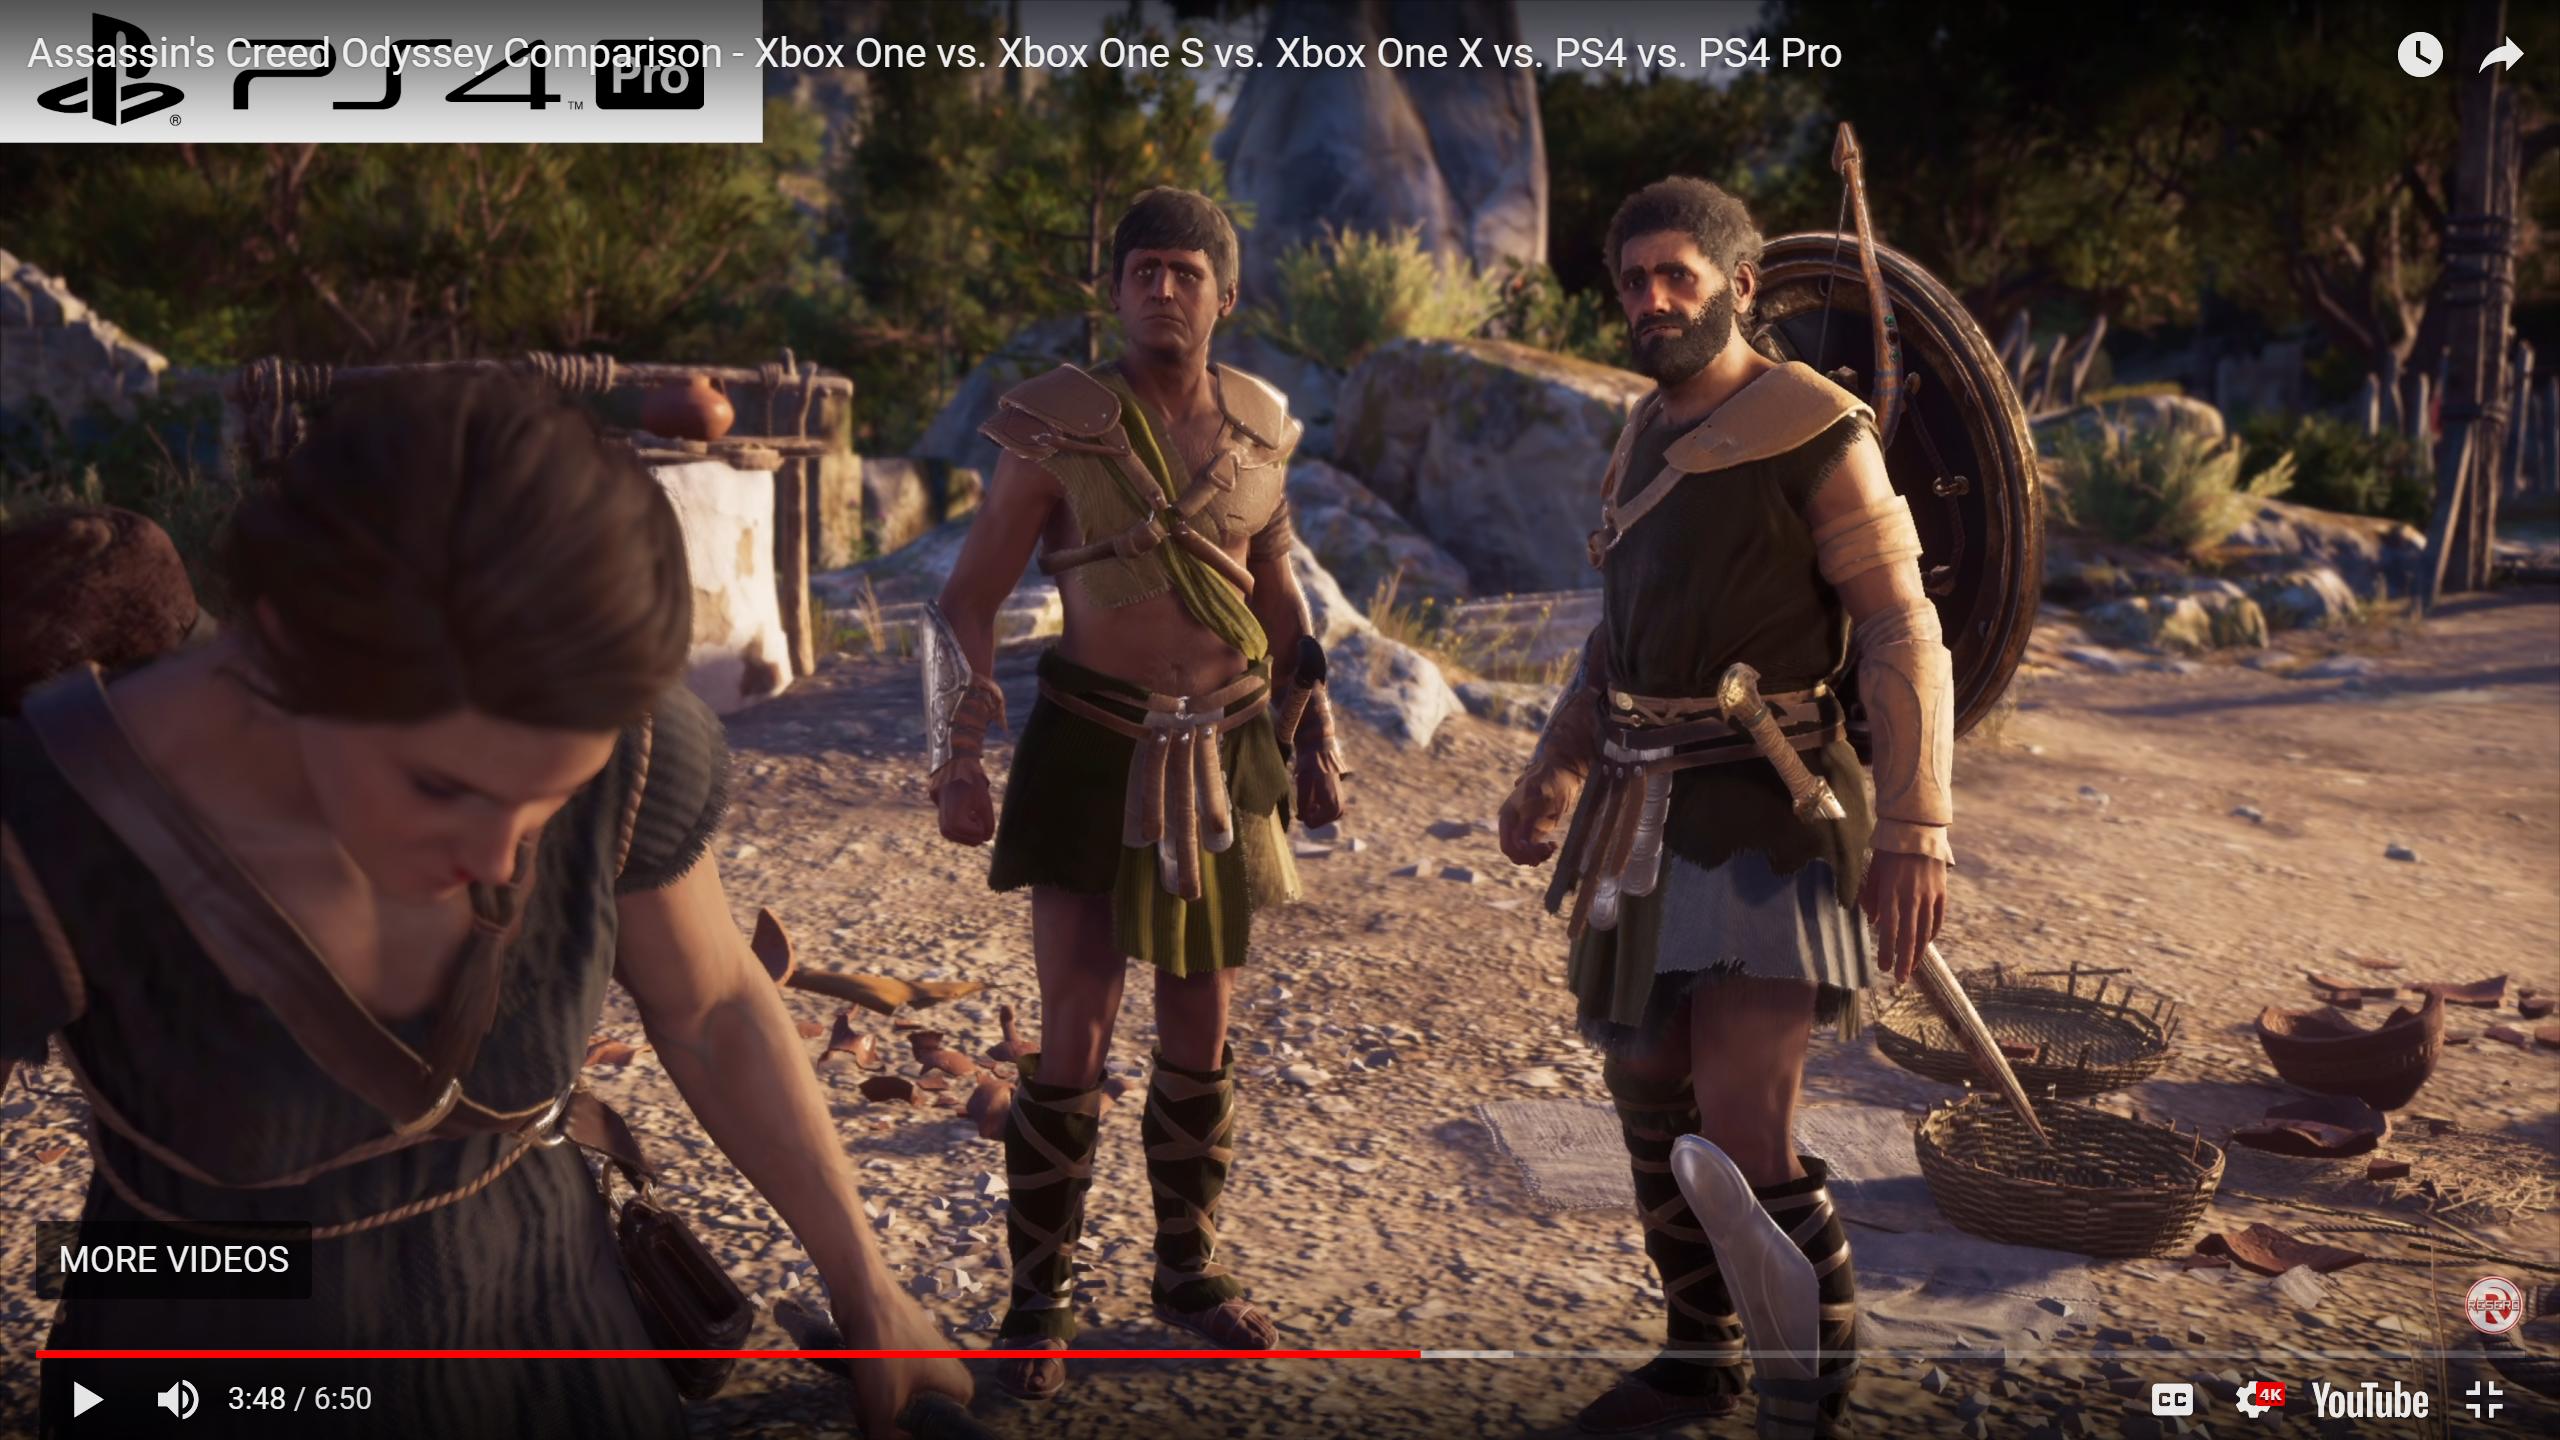 Assassin's Creed Odyssey Comparison - Xbox One vs  Xbox One S vs